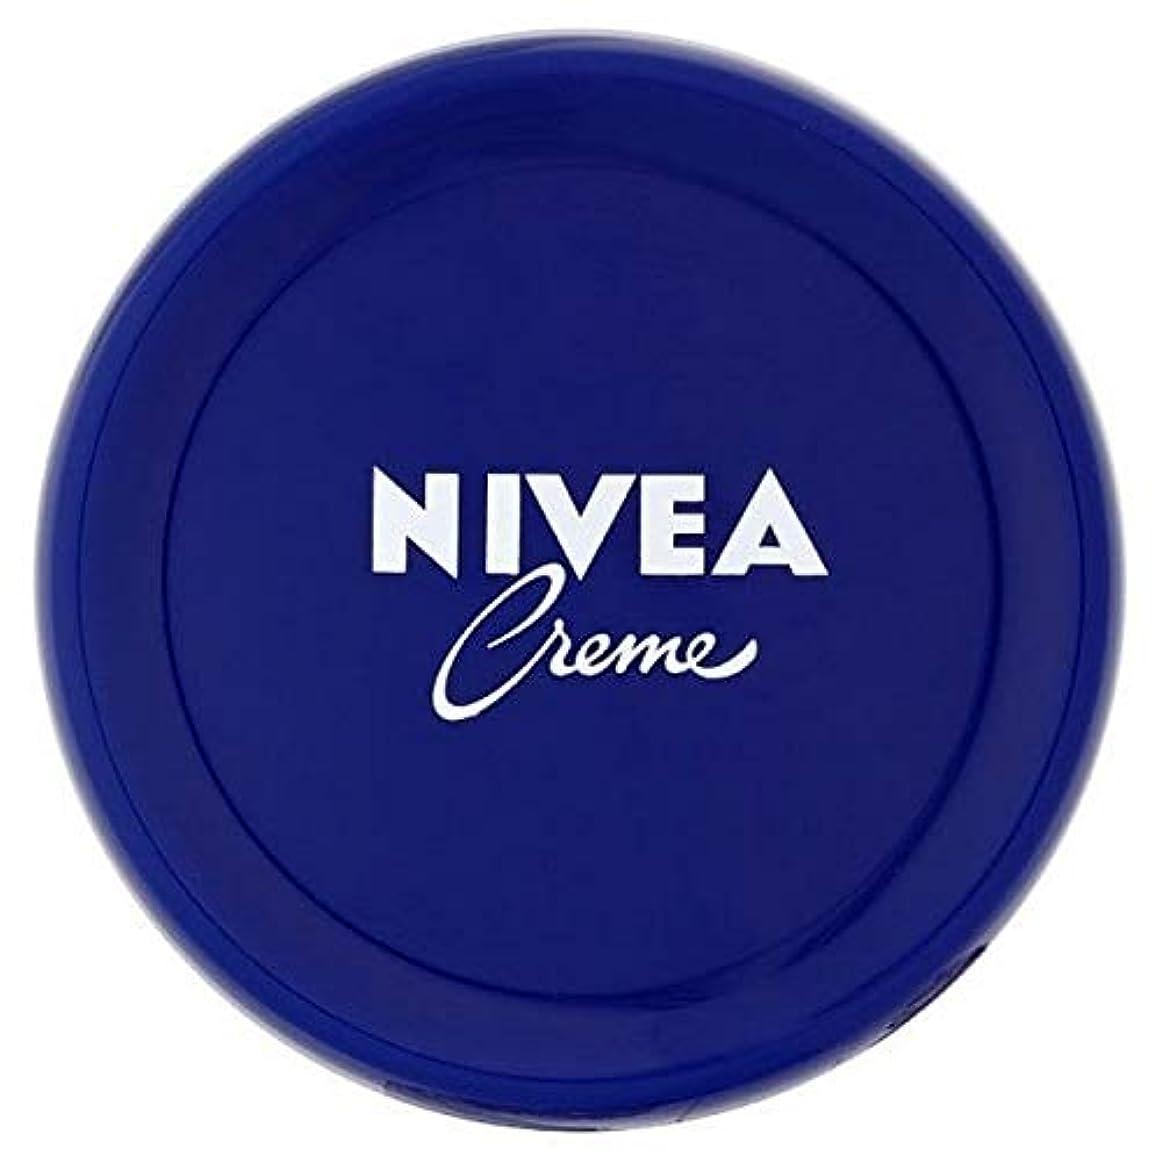 ピンチ符号レビュー[Nivea ] ニベアクリーム万能ボディクリーム、200ミリリットル - NIVEA Creme All Purpose Body Cream, 200ml [並行輸入品]